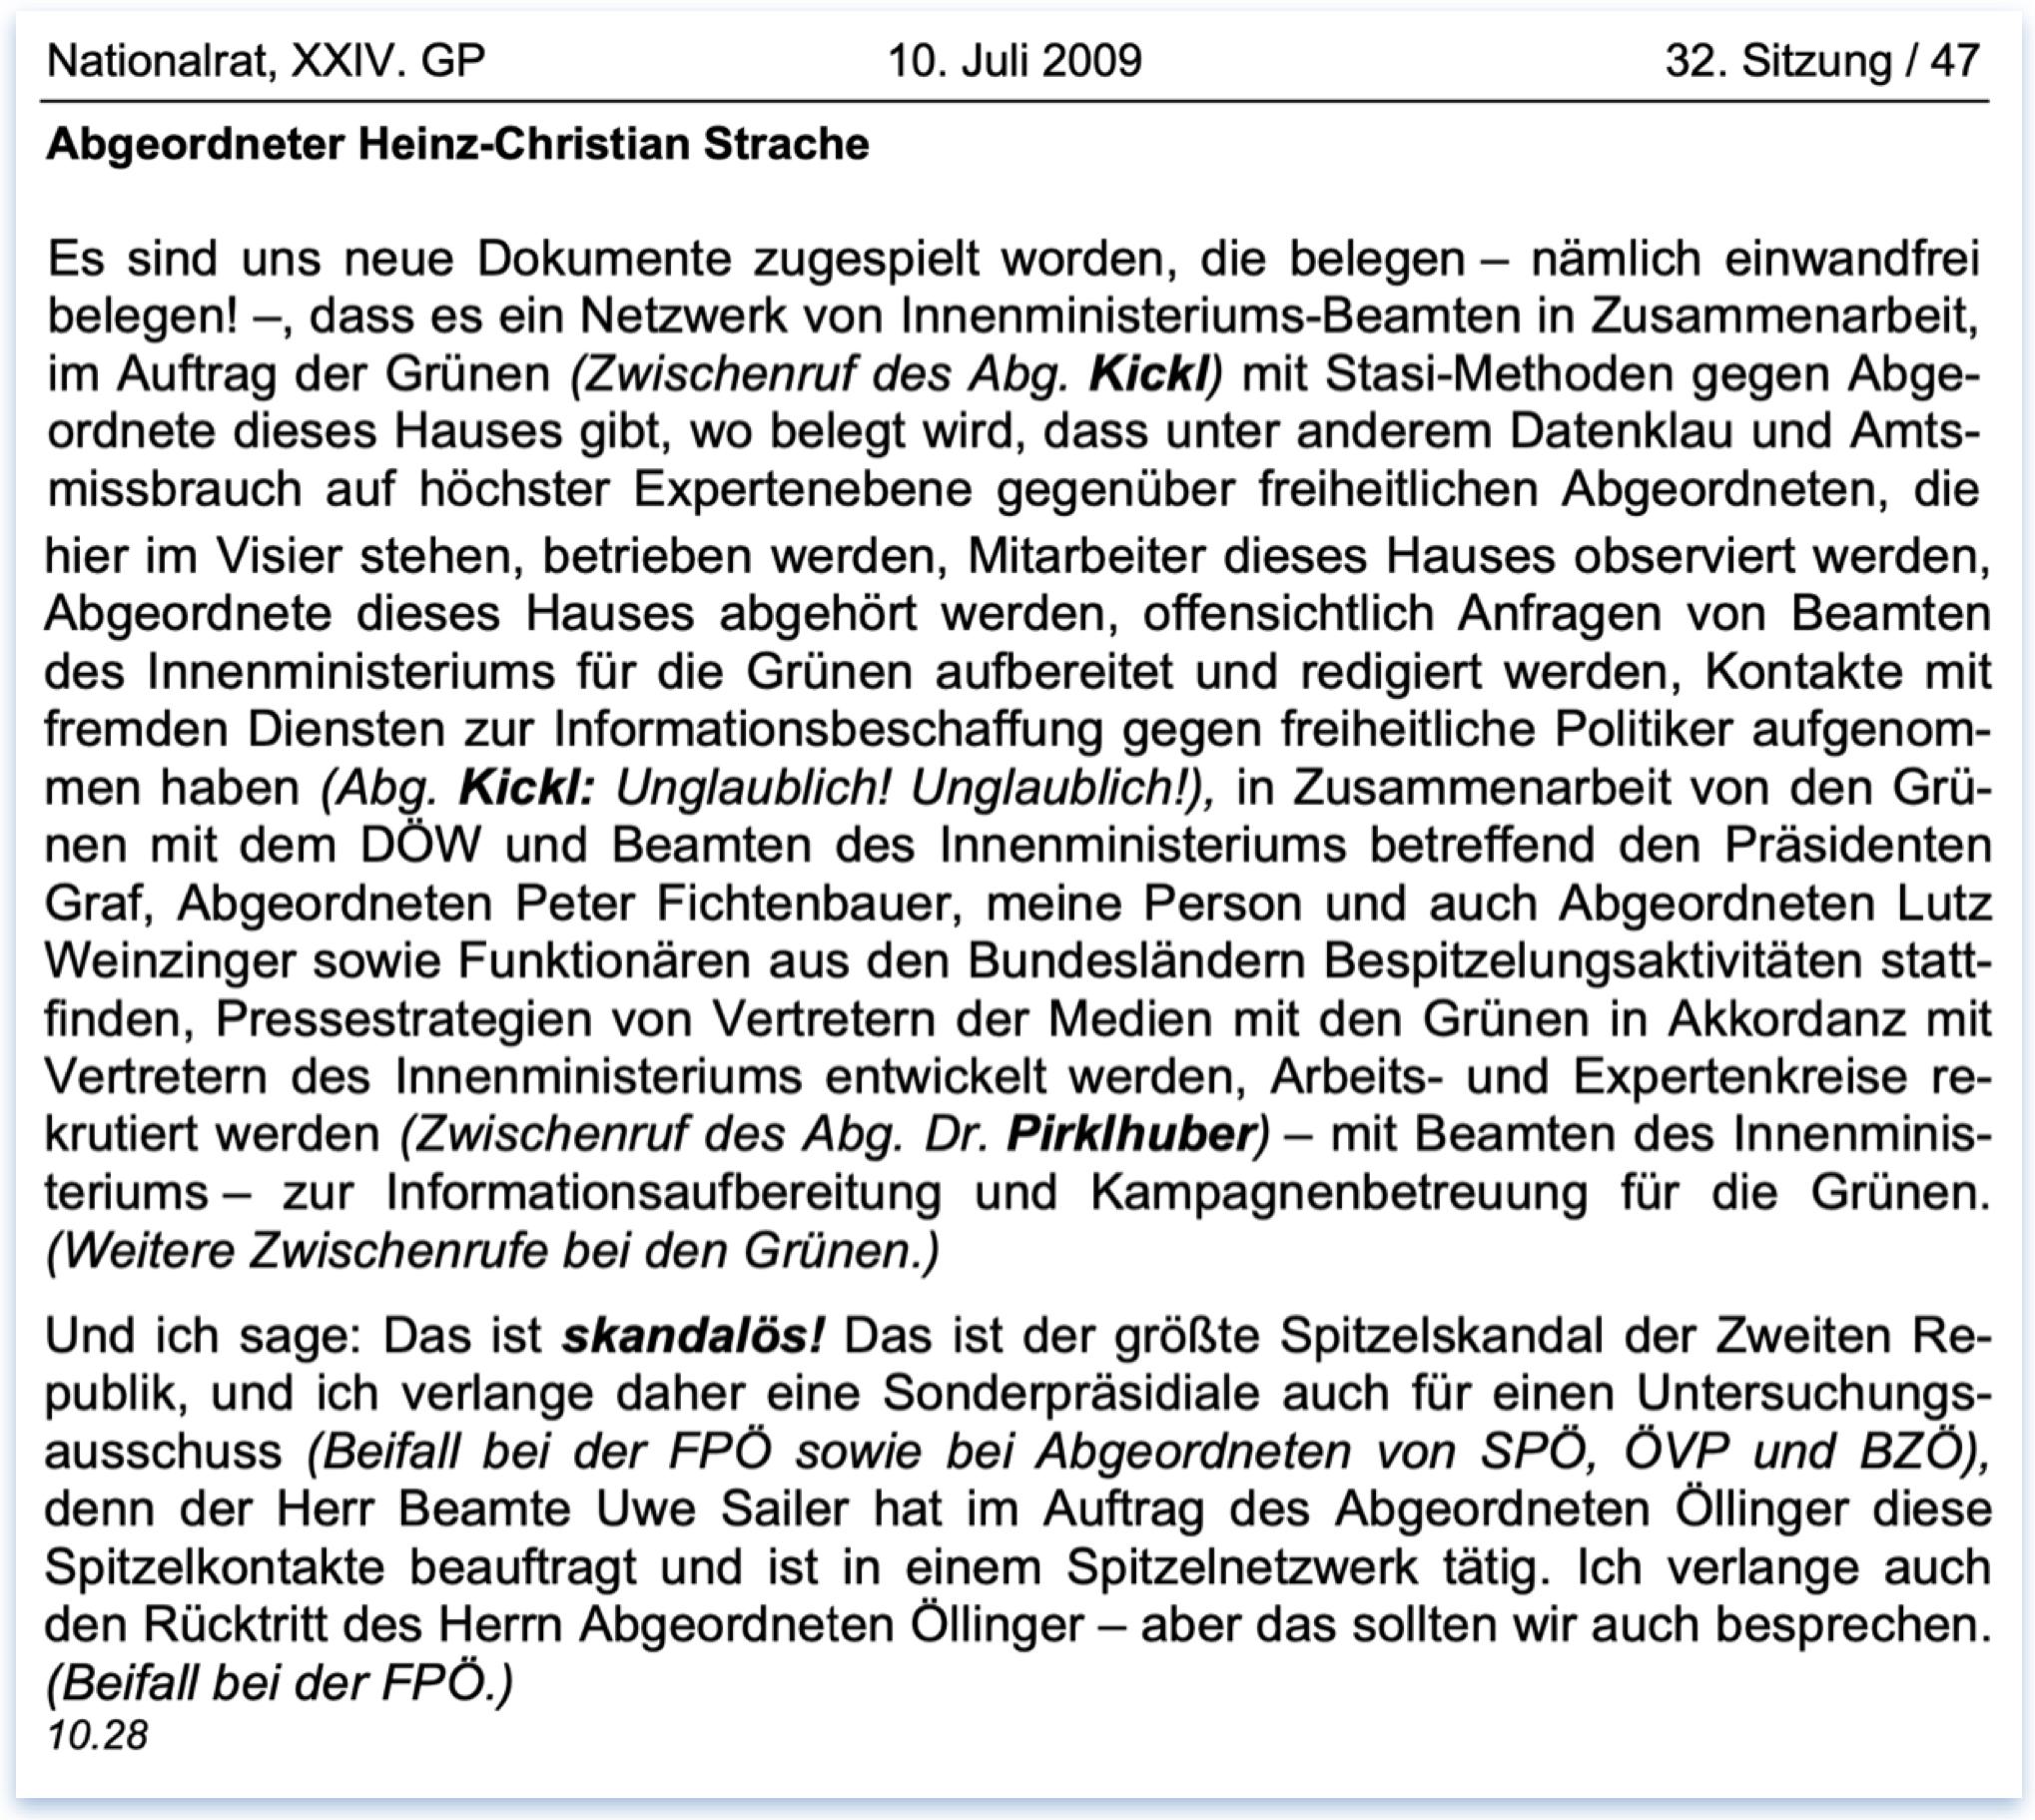 """Stenographisches Protokoll Strache: """"Der größte Spitzelskandal der Zweiten Republik"""" (NR 10.7.2009, S. 46f)"""